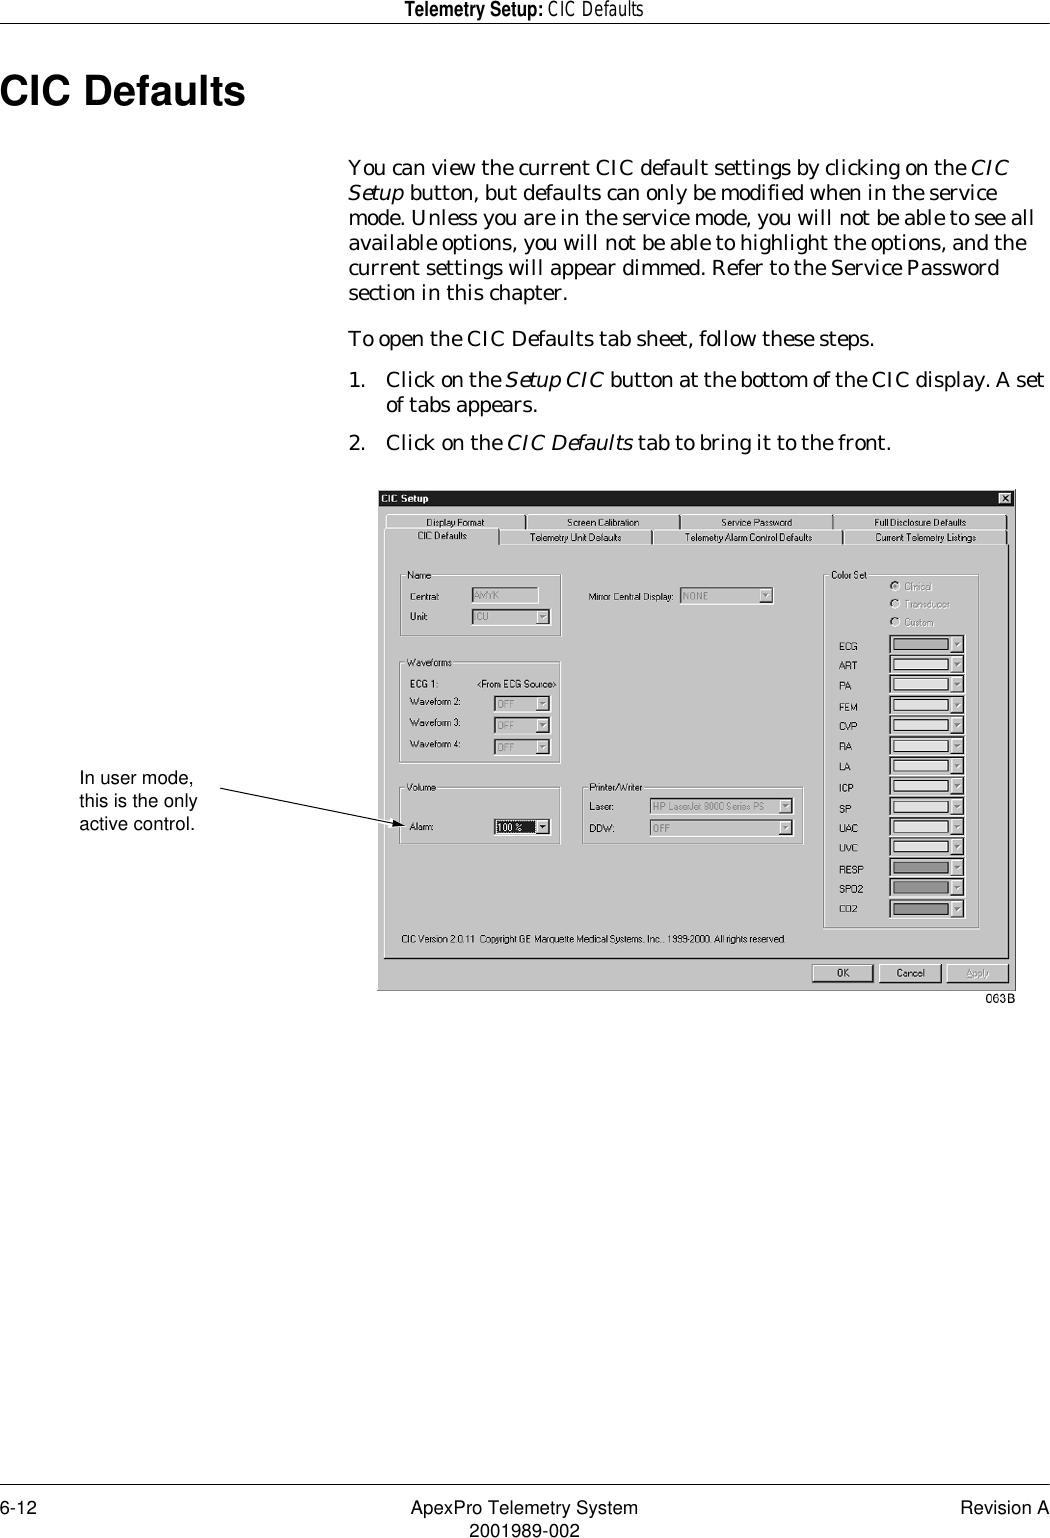 ge apexpro fh user manual